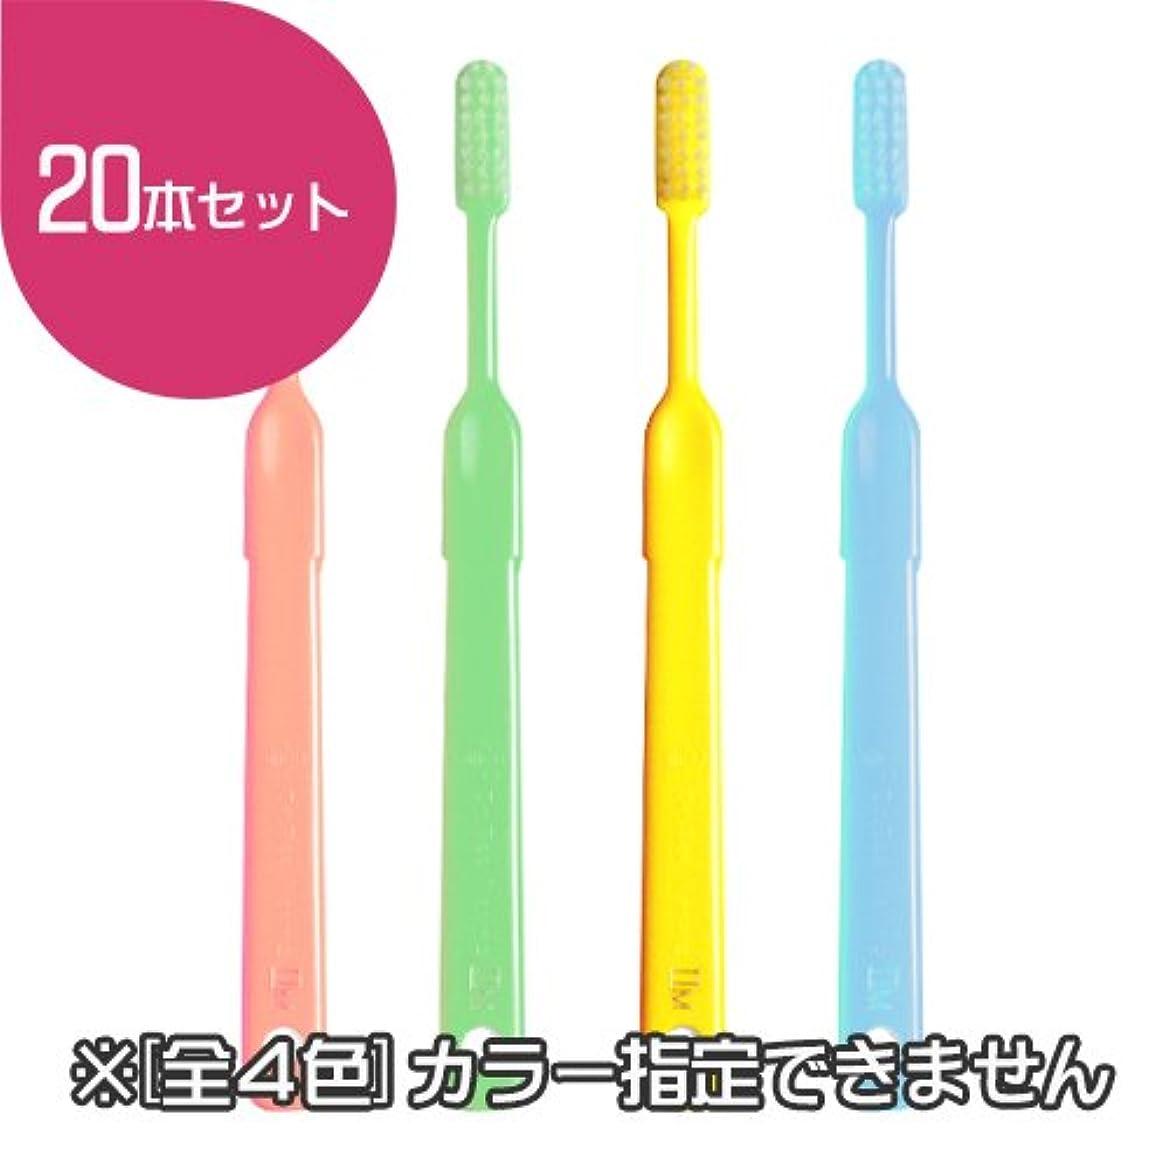 ジム細分化する経験的ビーブランド ドクター ビーヤング2 歯ブラシ 20本 (ソフト)